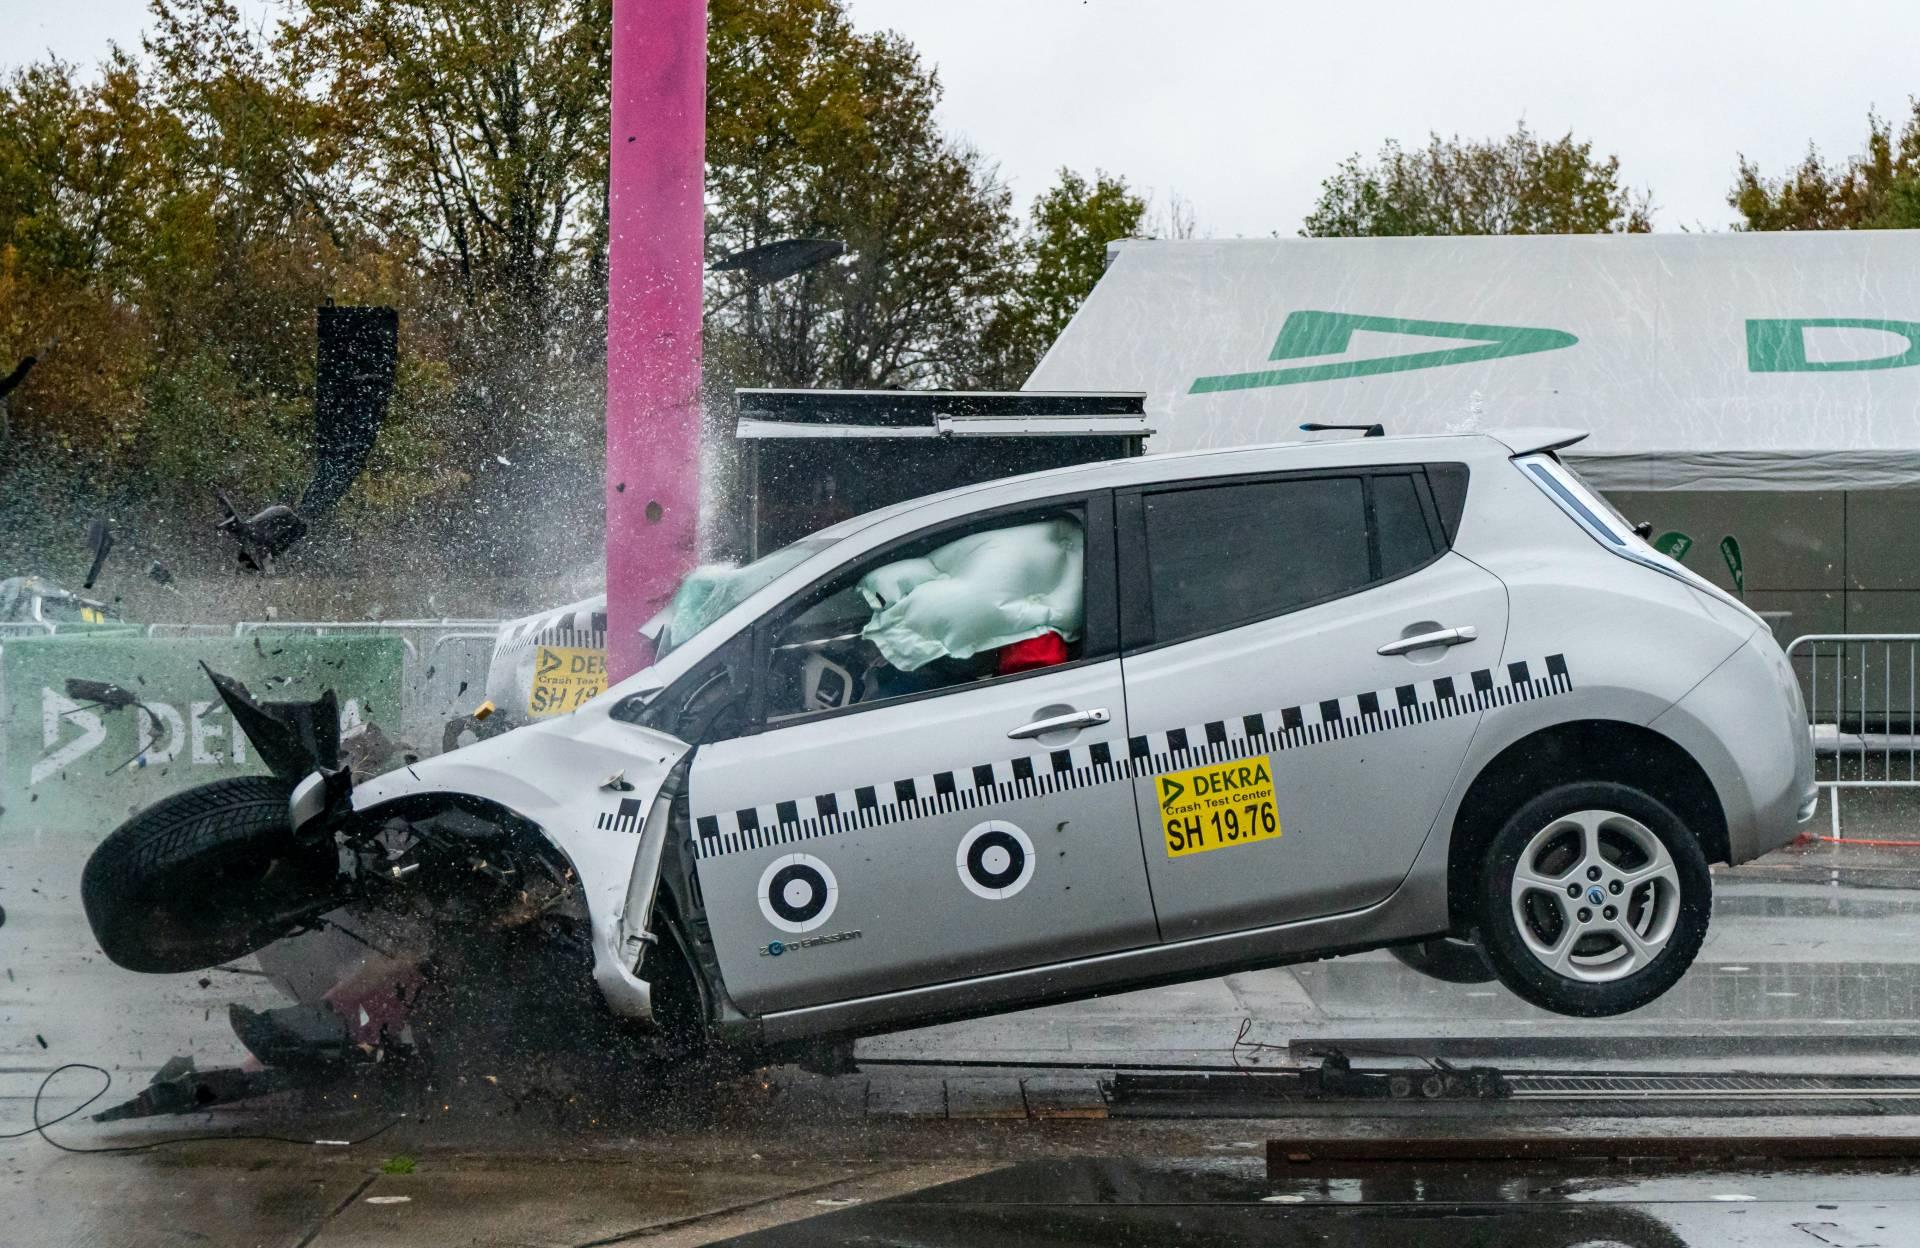 Nissan-Leaf-in-Dekra-frontal-crash-test-at-84-kph-2